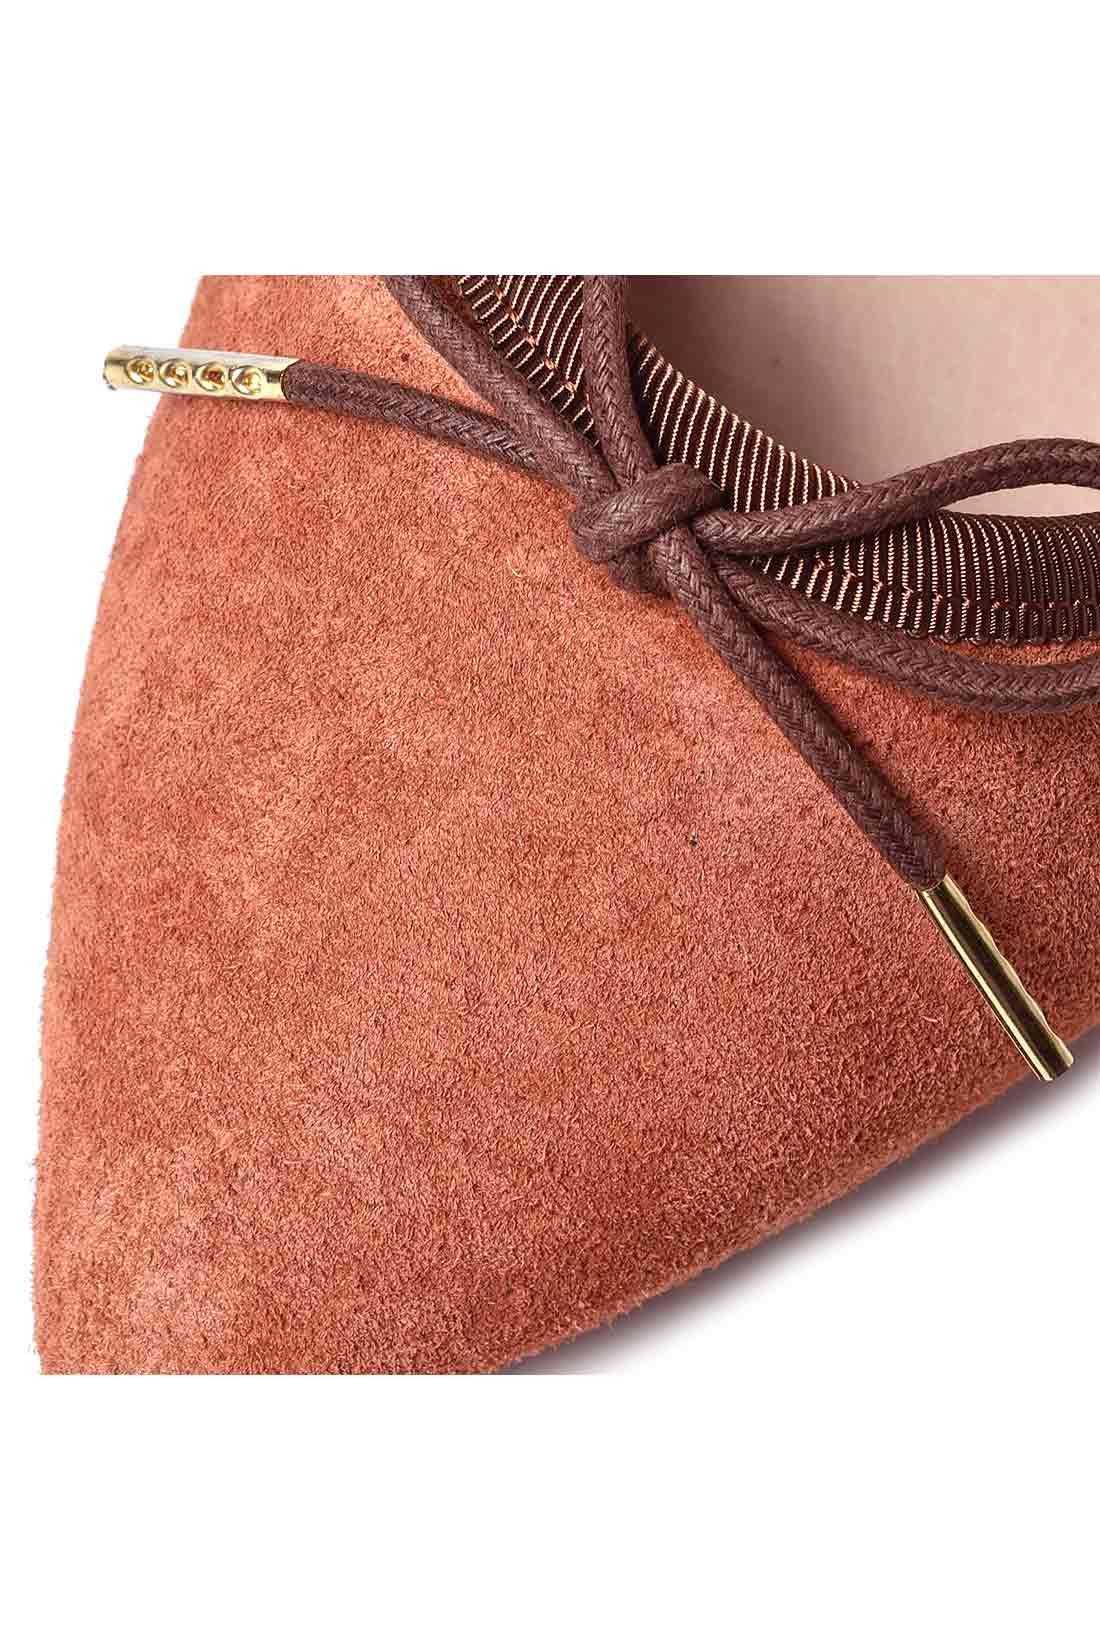 履くほどに足になじみ、やわらかく上品な印象のピッグスエード。 こっくり深みのある美しい発色がスタイリングを盛り上げます。